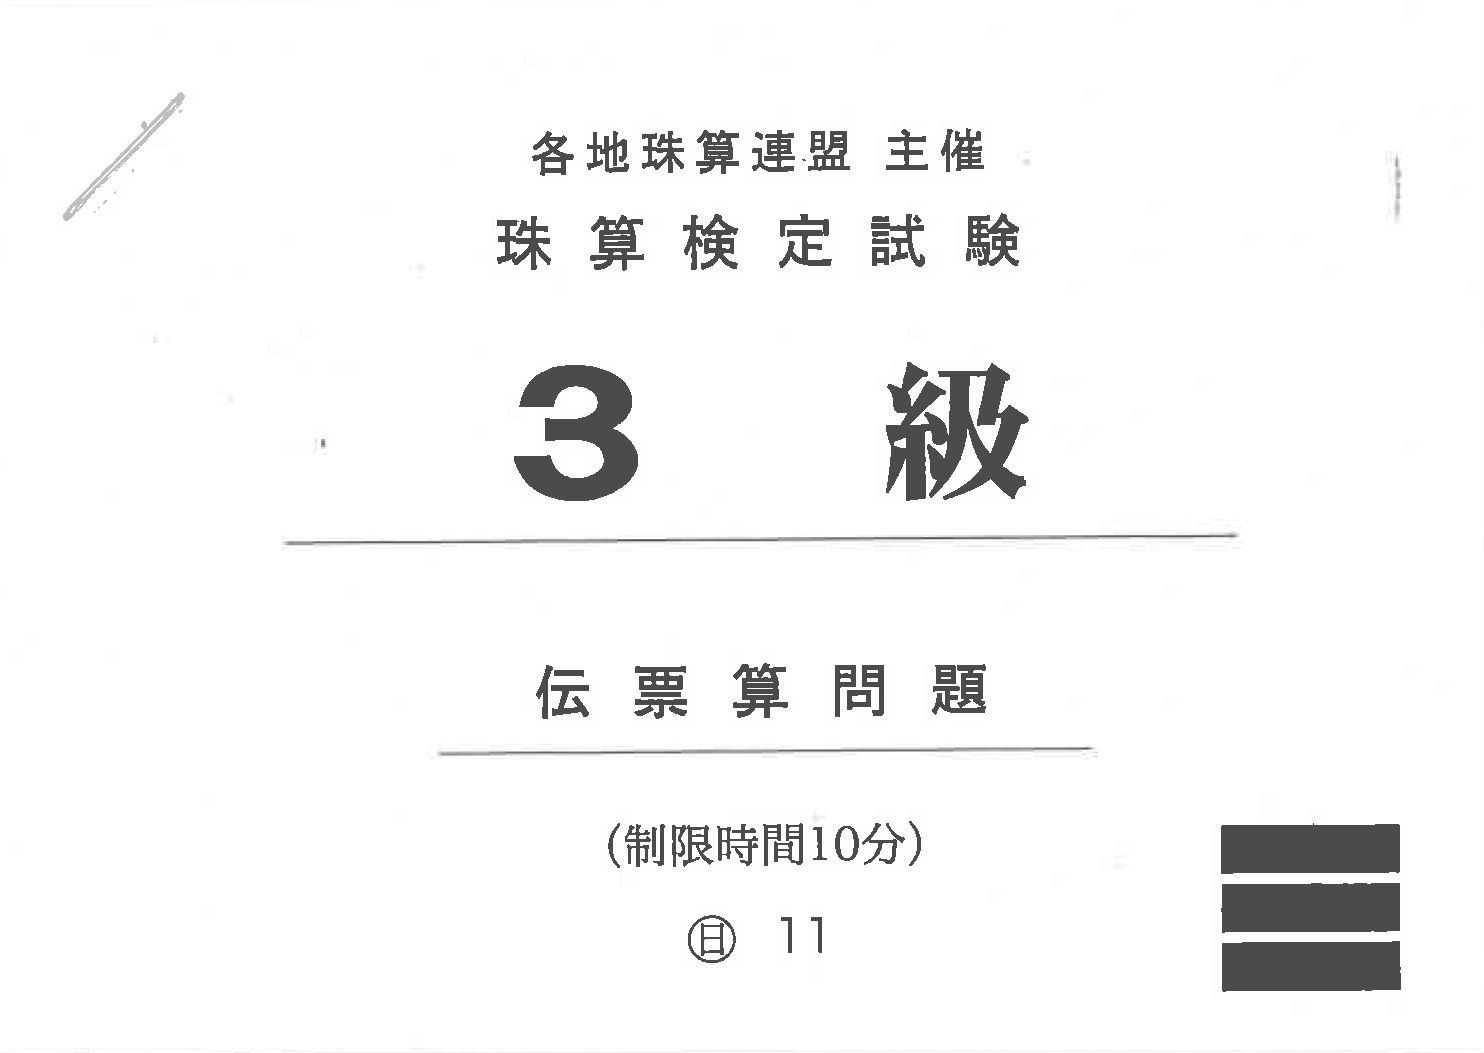 (旧) 日商 テスト伝票 3級